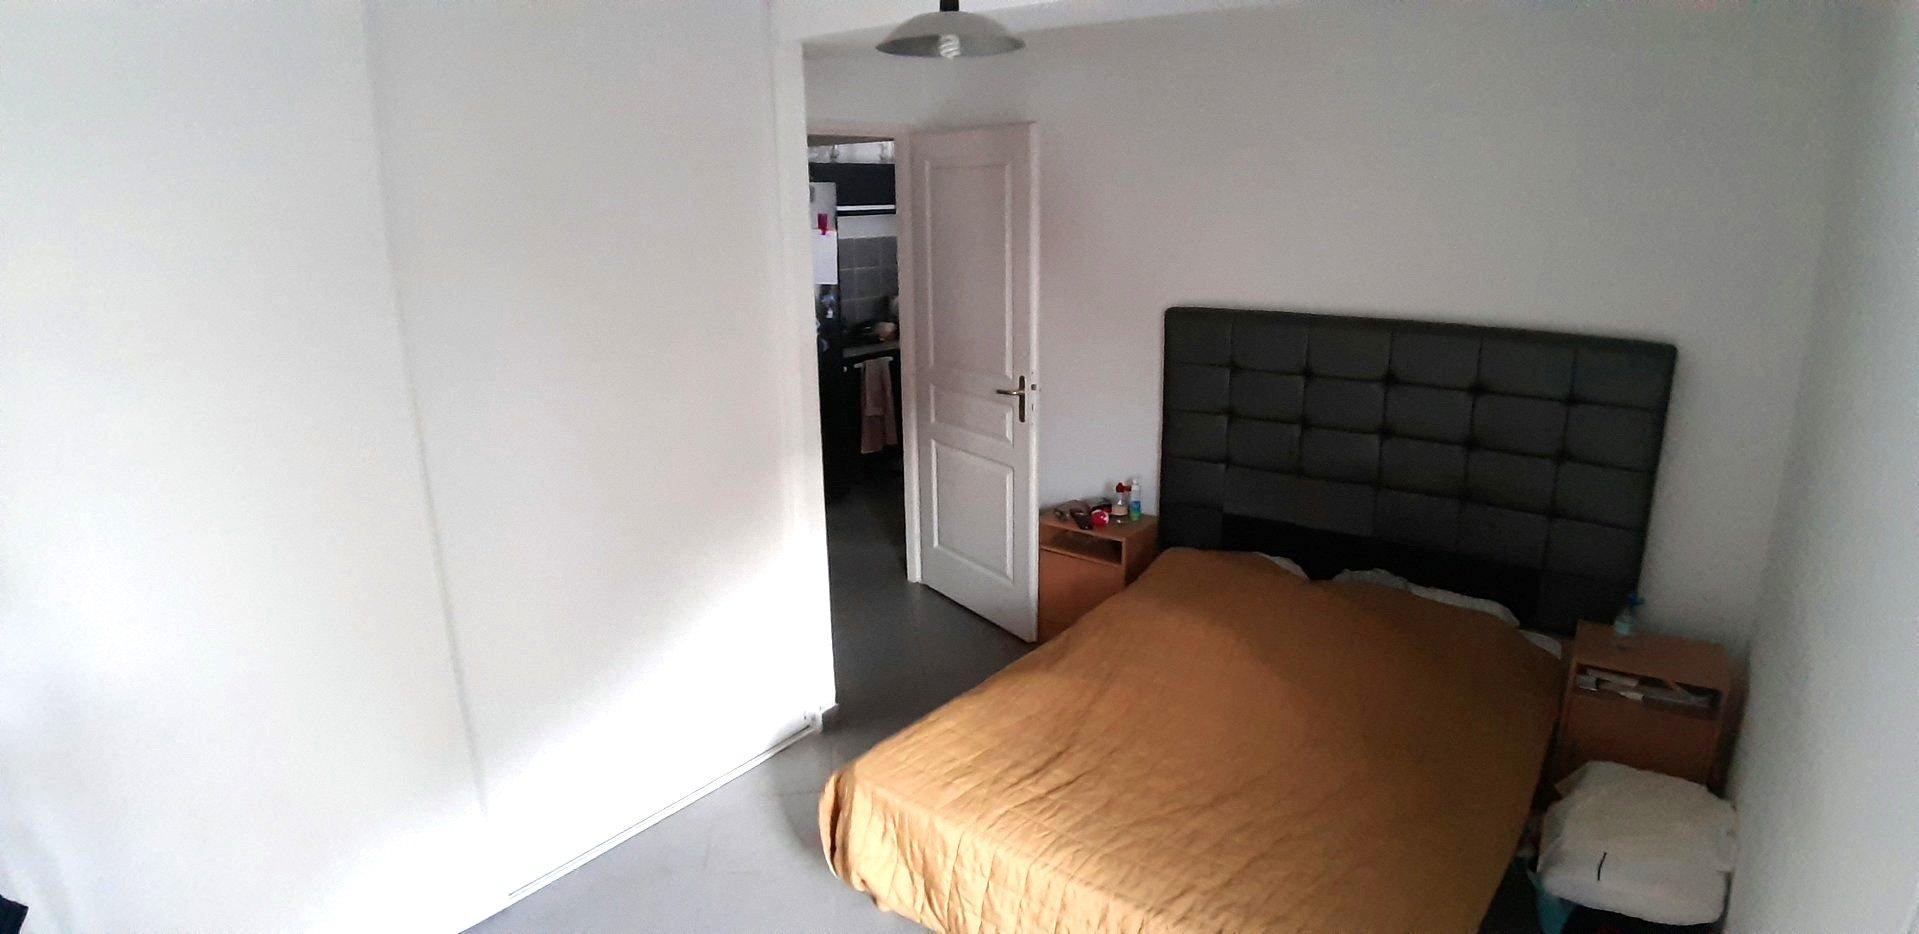 Appartement T3 avec jardin et garage